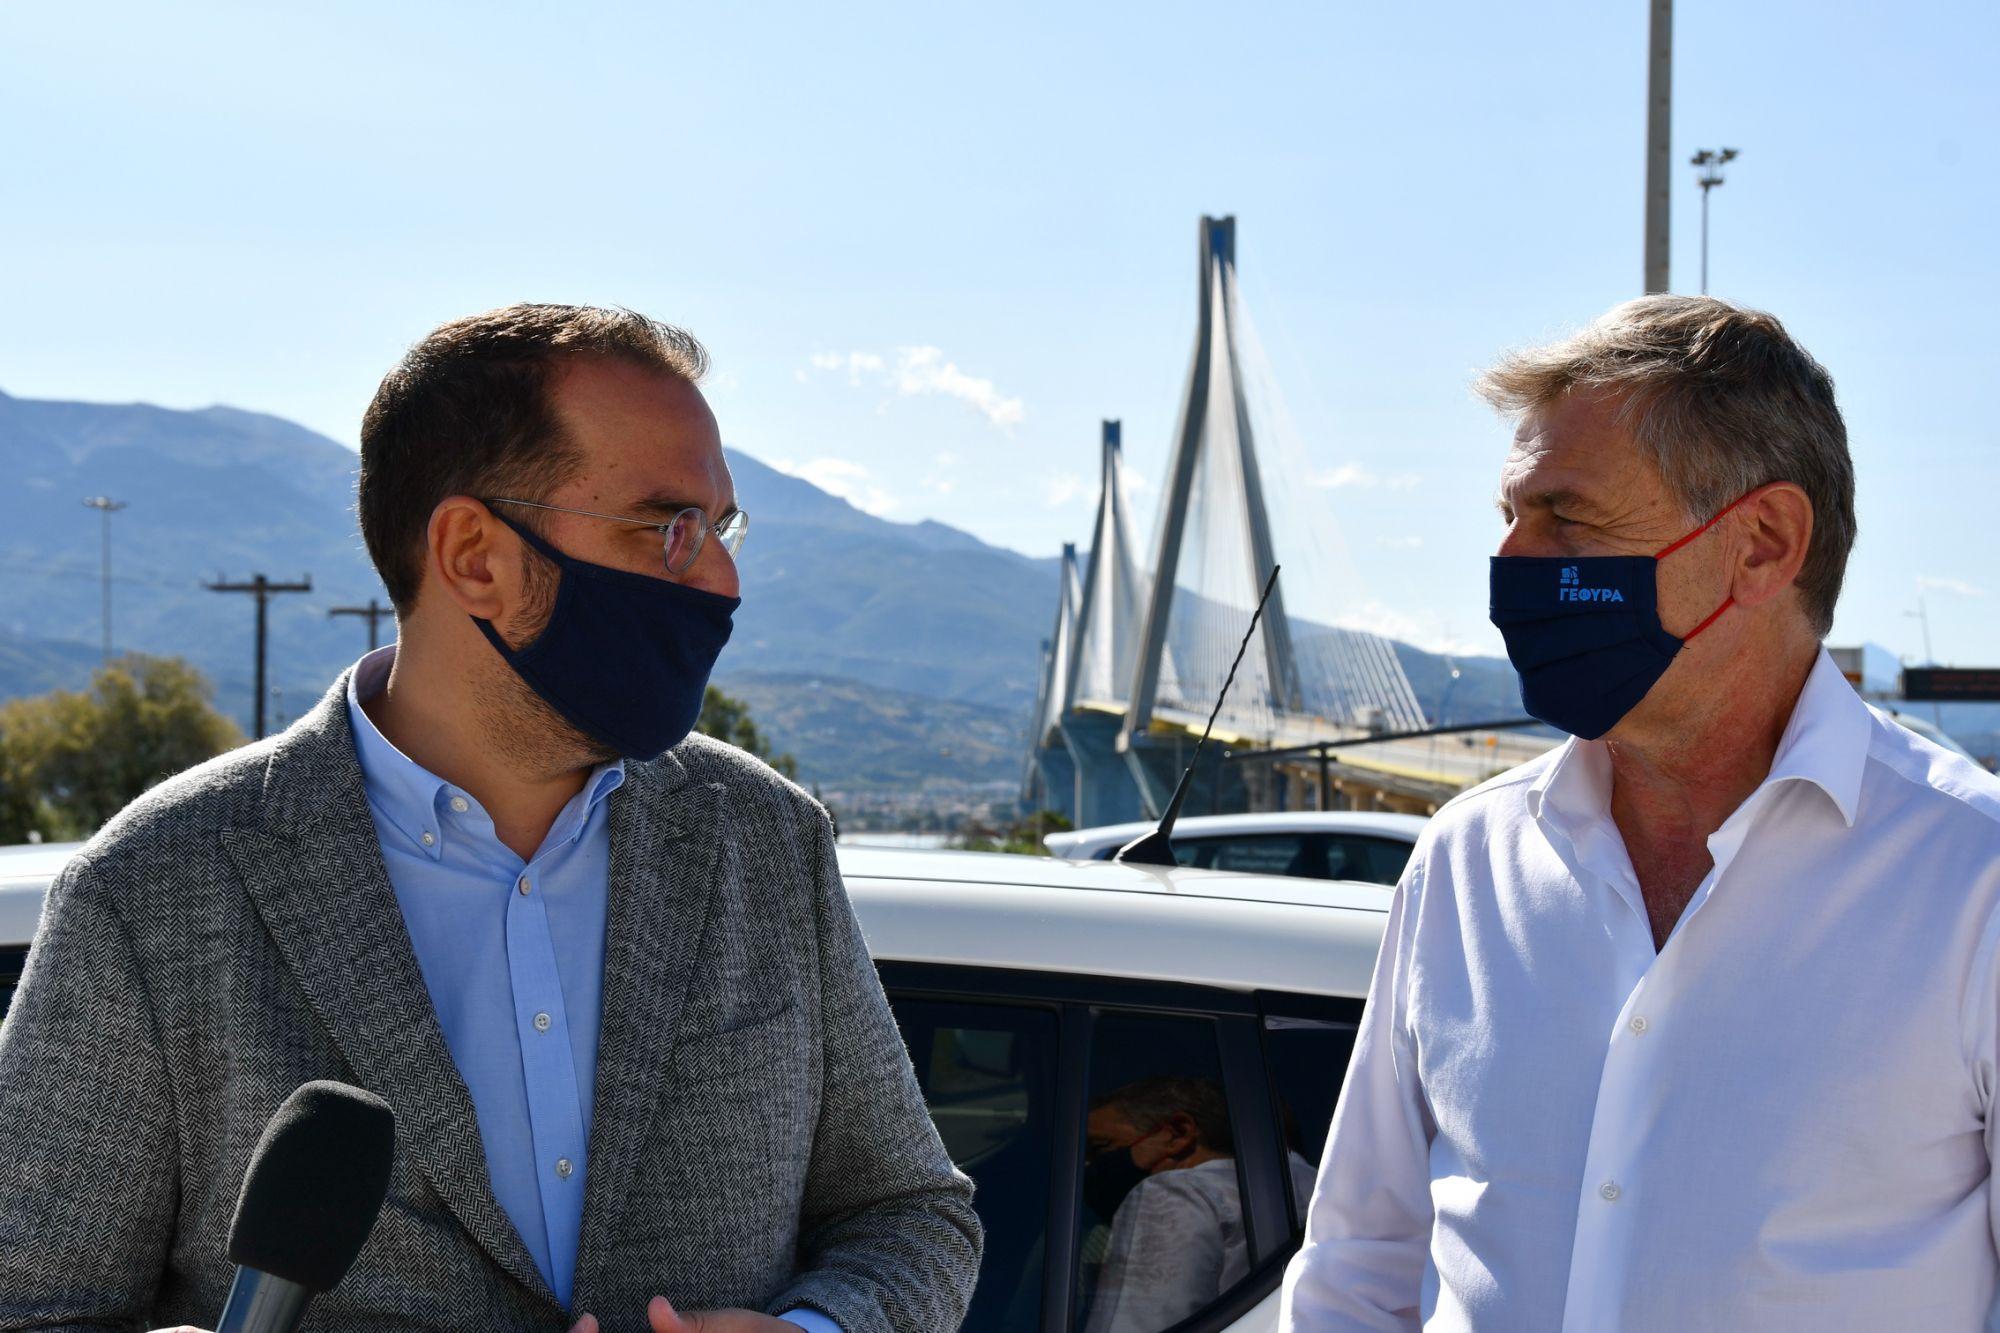 Στη Γέφυρα ο Περιφερειάρχης Ν. Φαρμάκης – «Πρωτοβουλίες πράσινης ανάπτυξης που μας δείχνουν τον δρόμο»